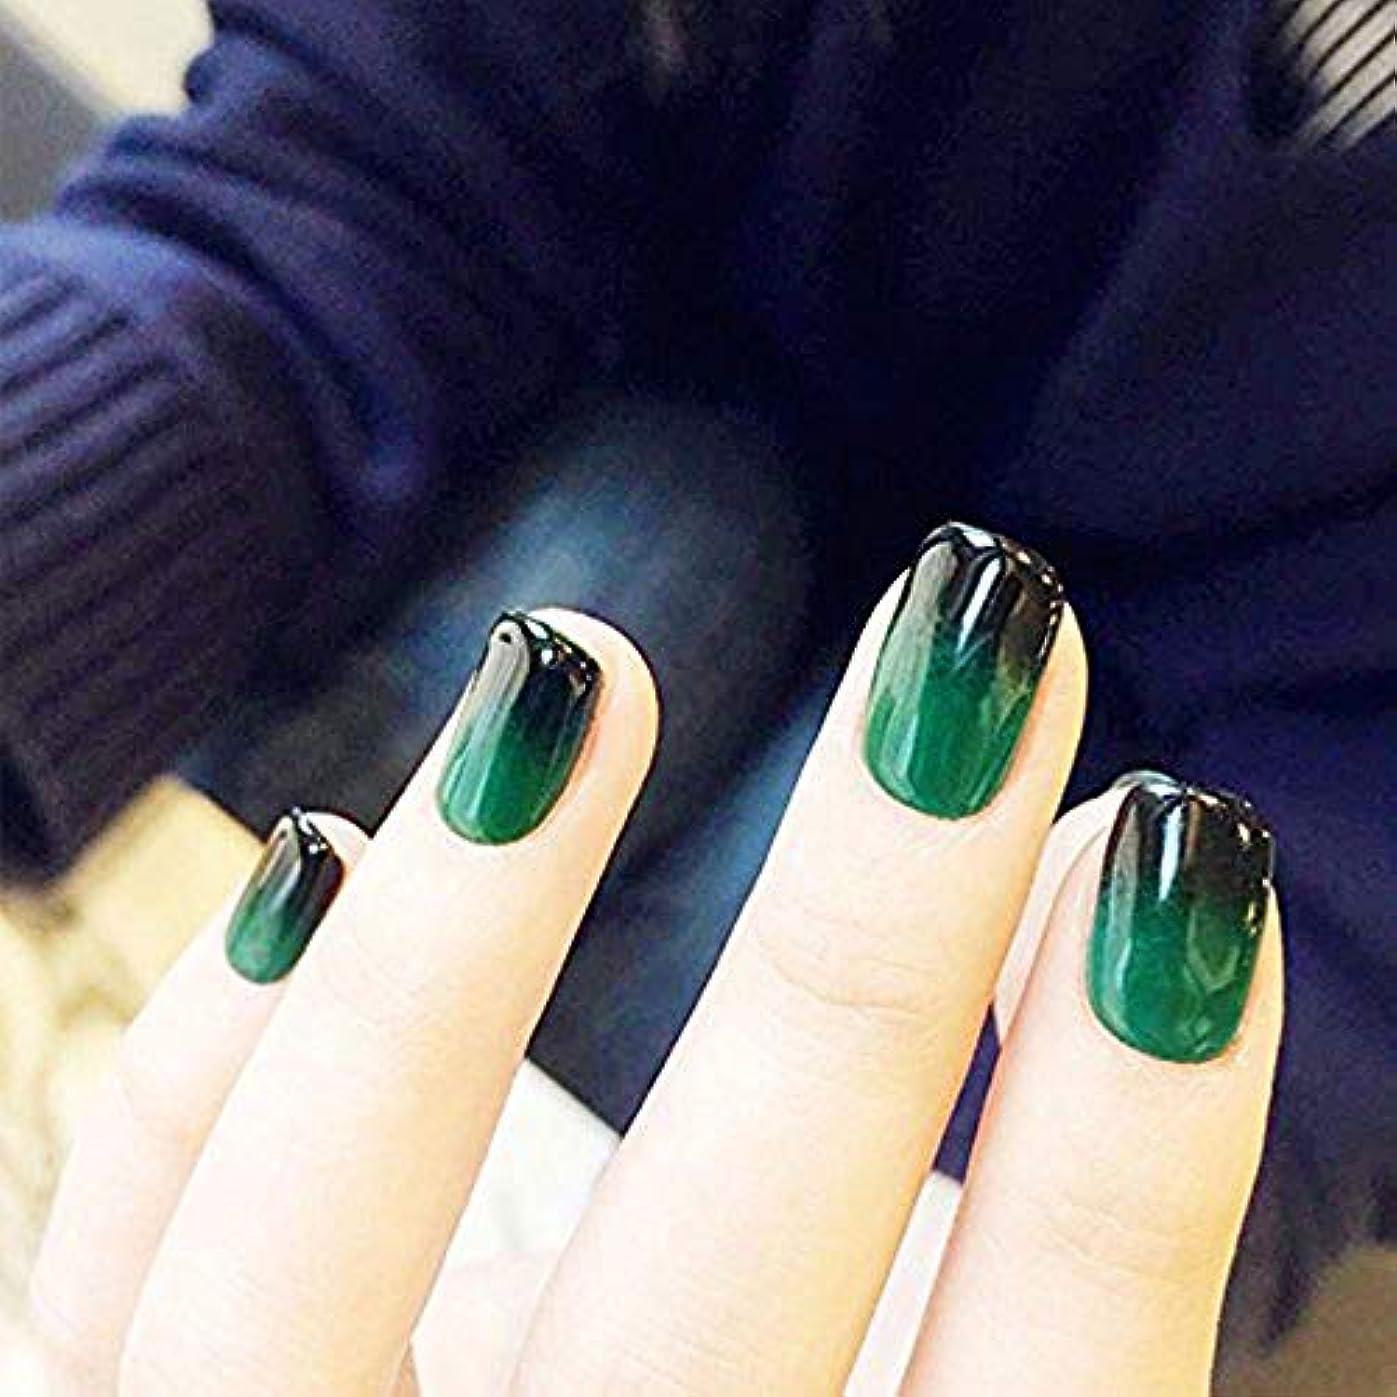 コイルぬいぐるみ買うYuNail ネイルチップ 24枚  12別サイズ 手作りネイルチップ グラデーション 深緑 ショート、ネイルアート